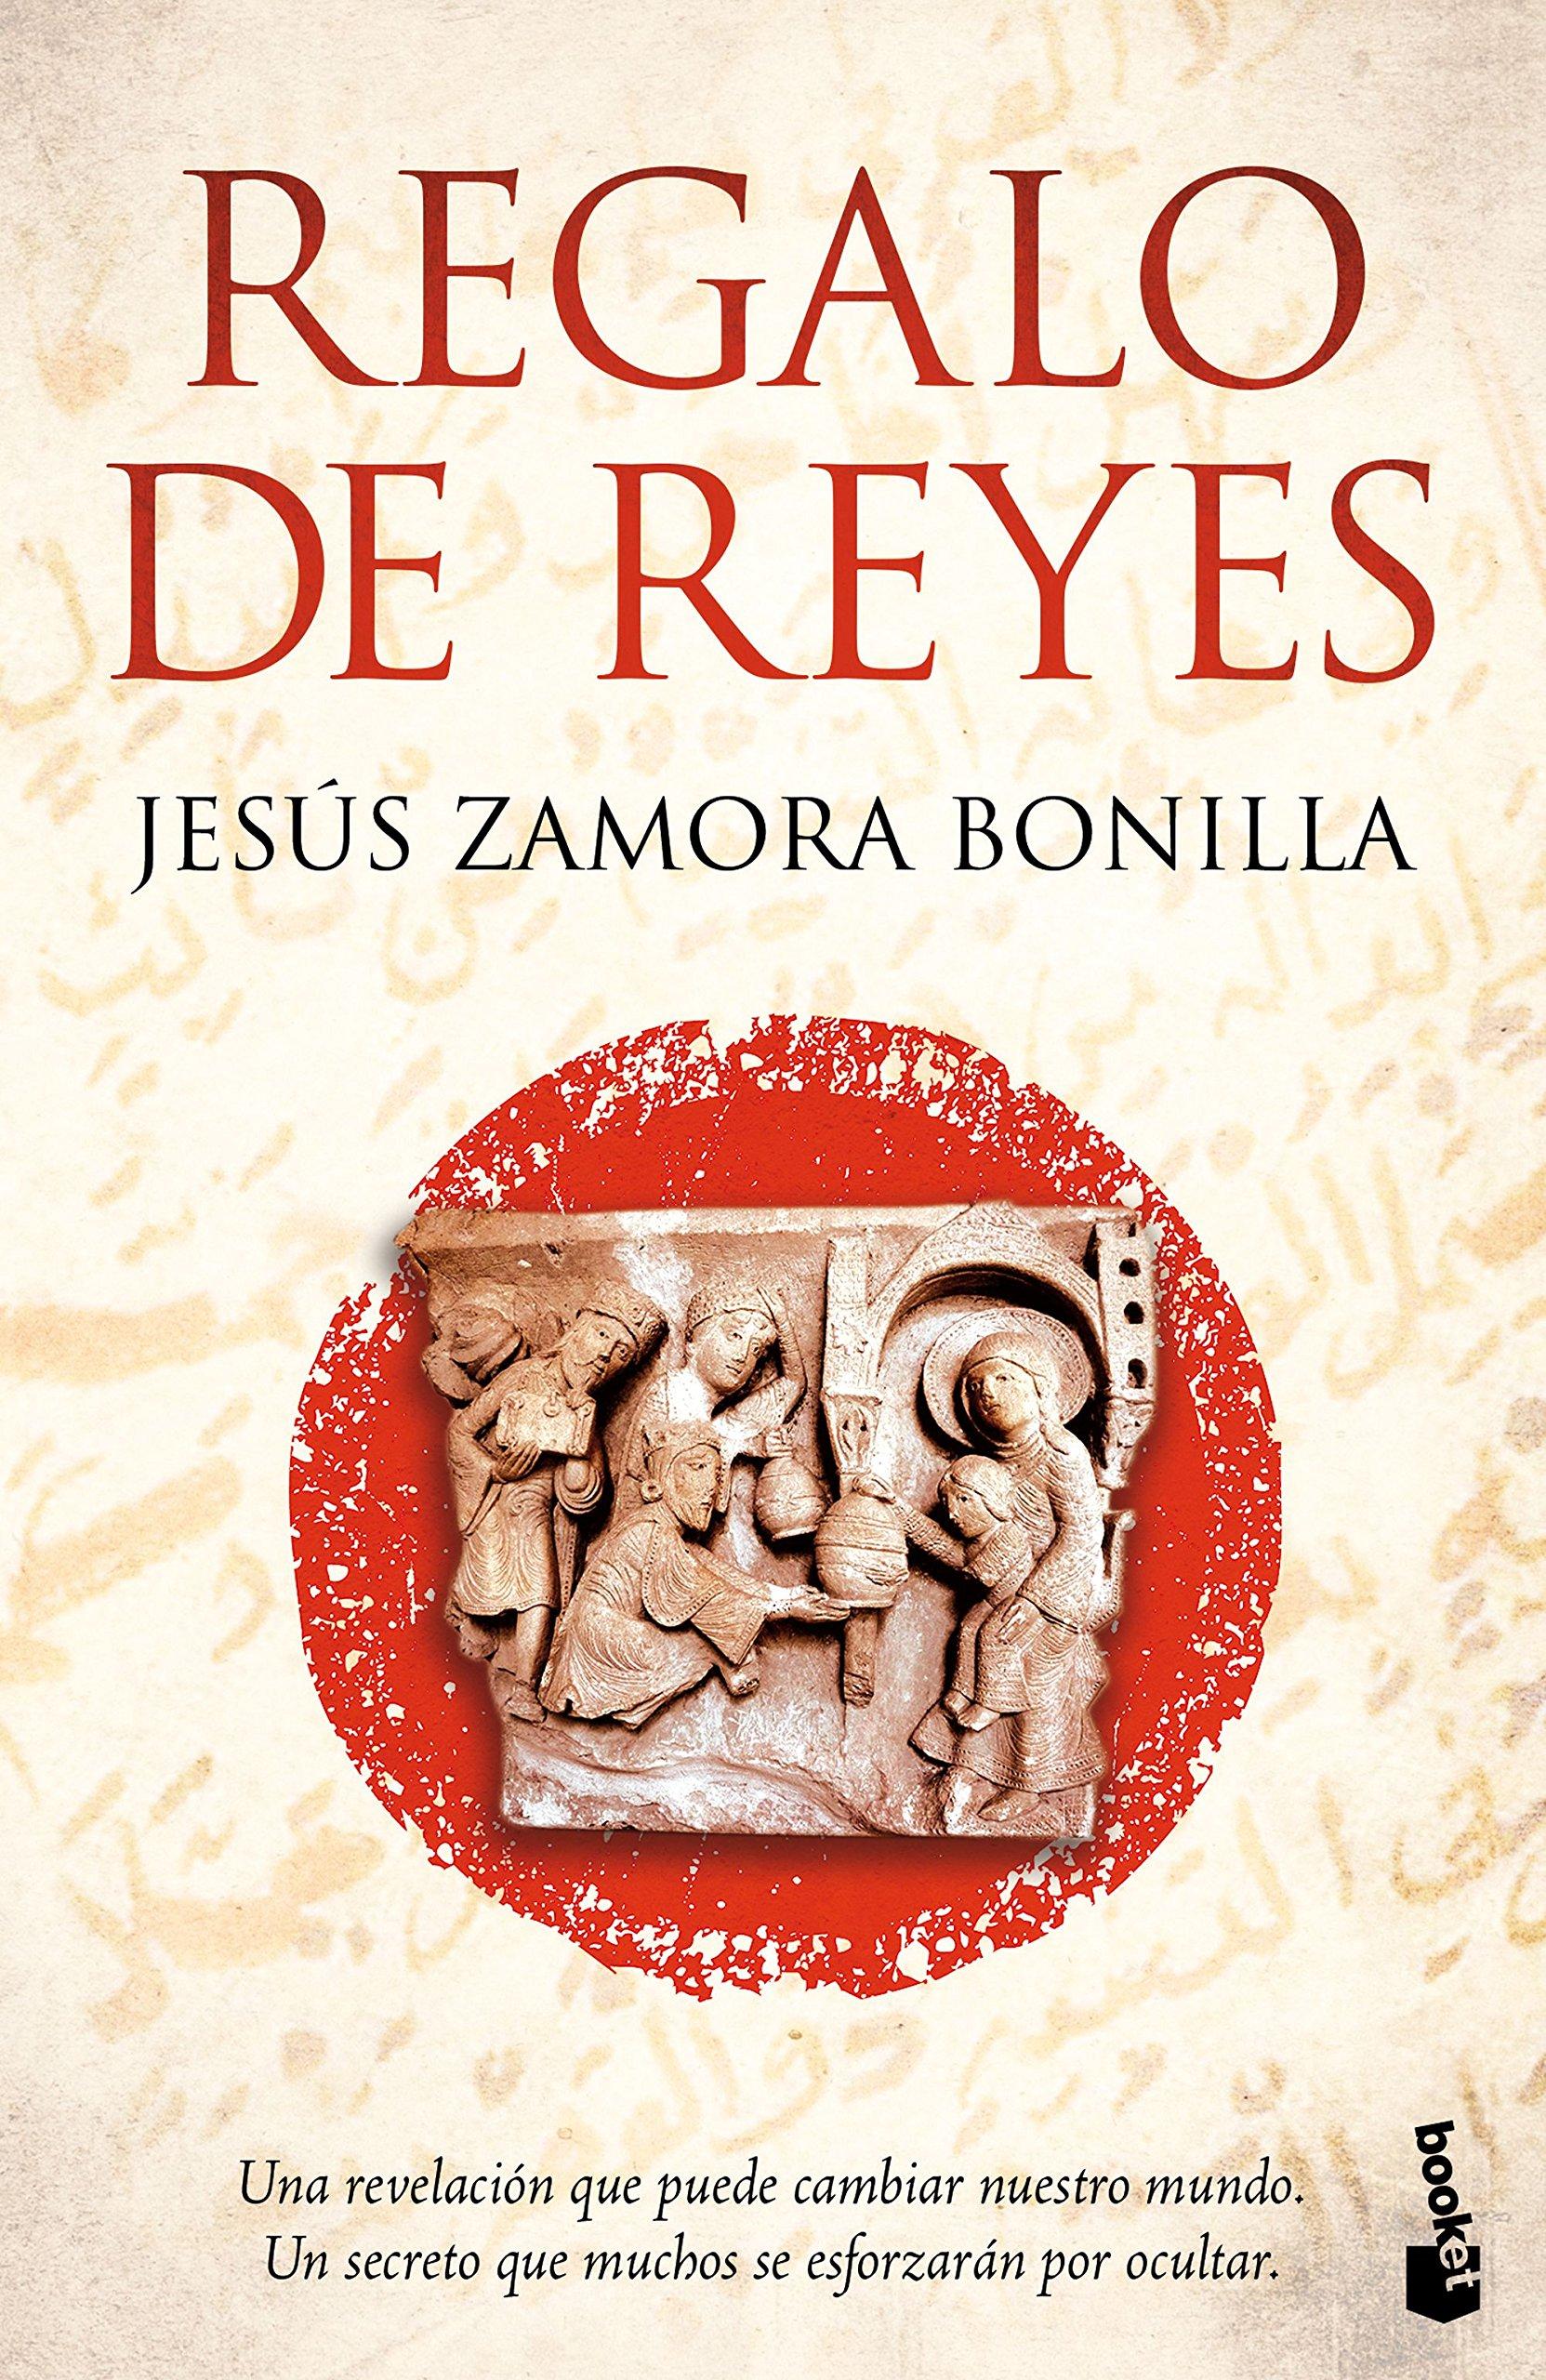 Regalo de Reyes (Novela y Relatos): Amazon.es: Jesús Zamora Bonilla: Libros